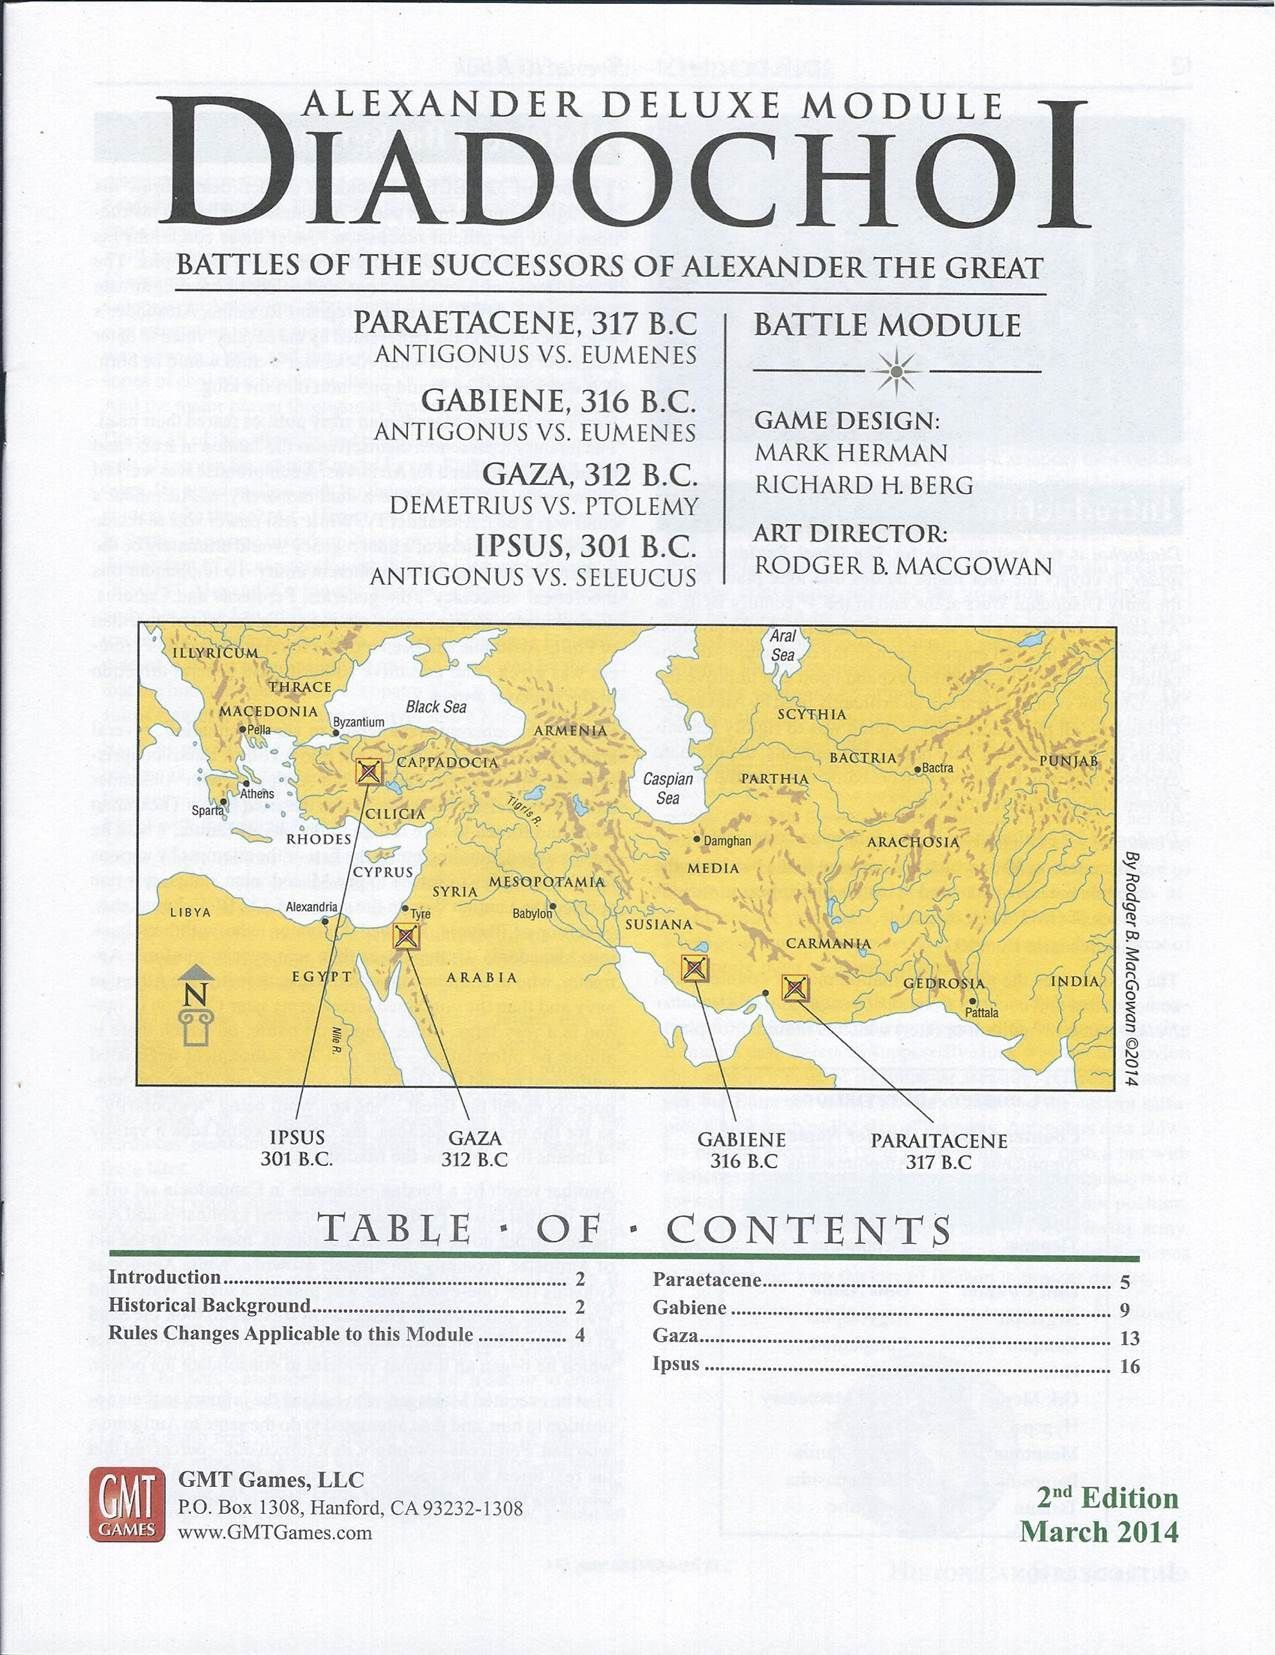 Diadochoi: Great Battles of Alexander Module